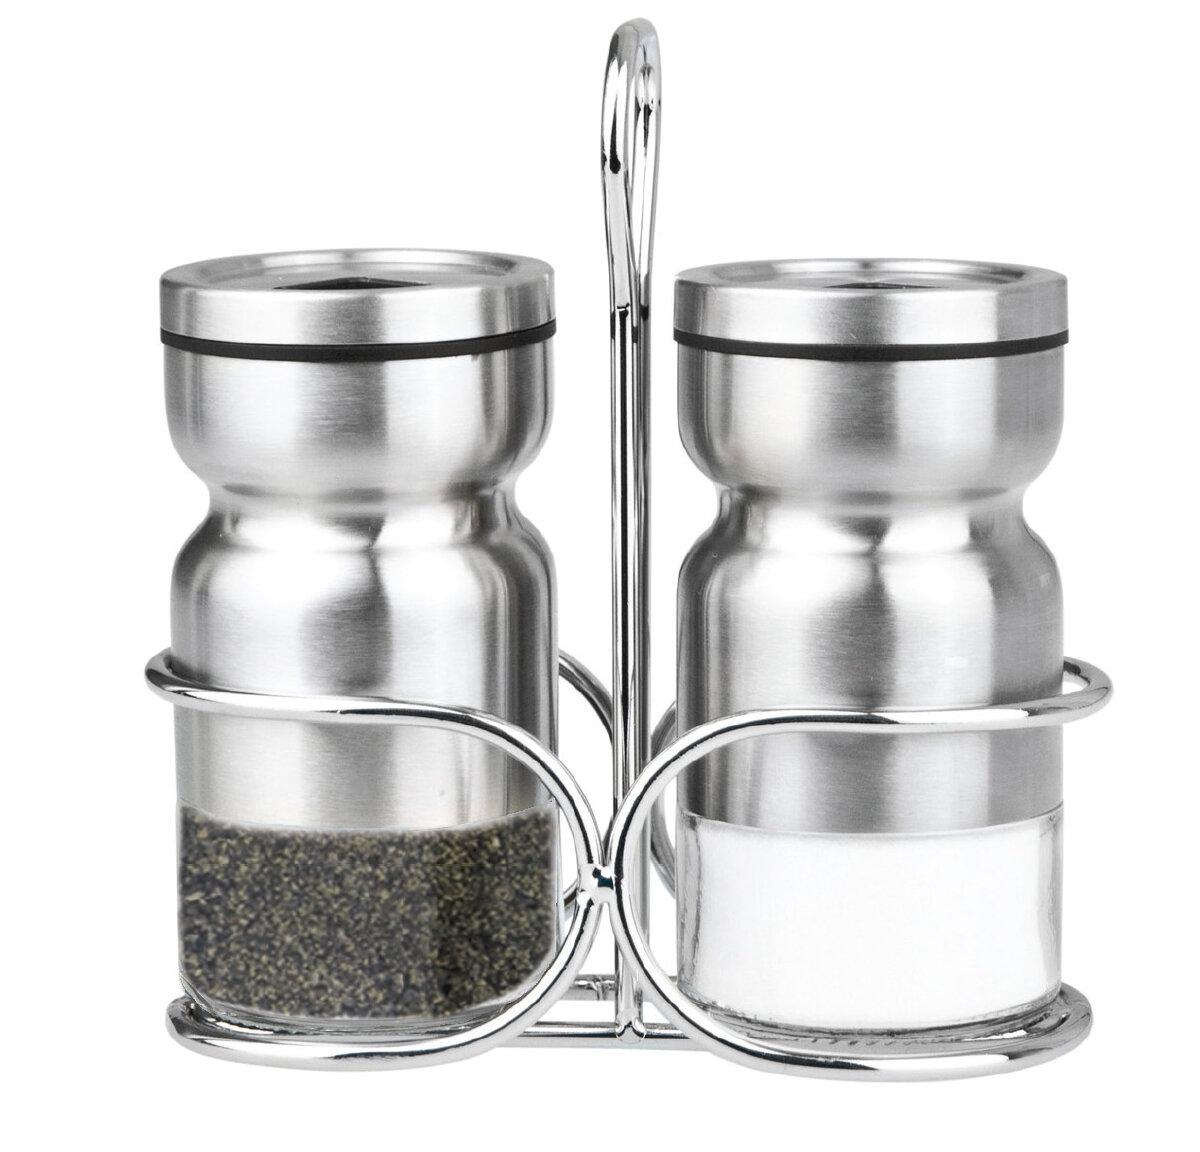 Cuisinox Salt And Pepper Shaker Set Reviews Wayfair